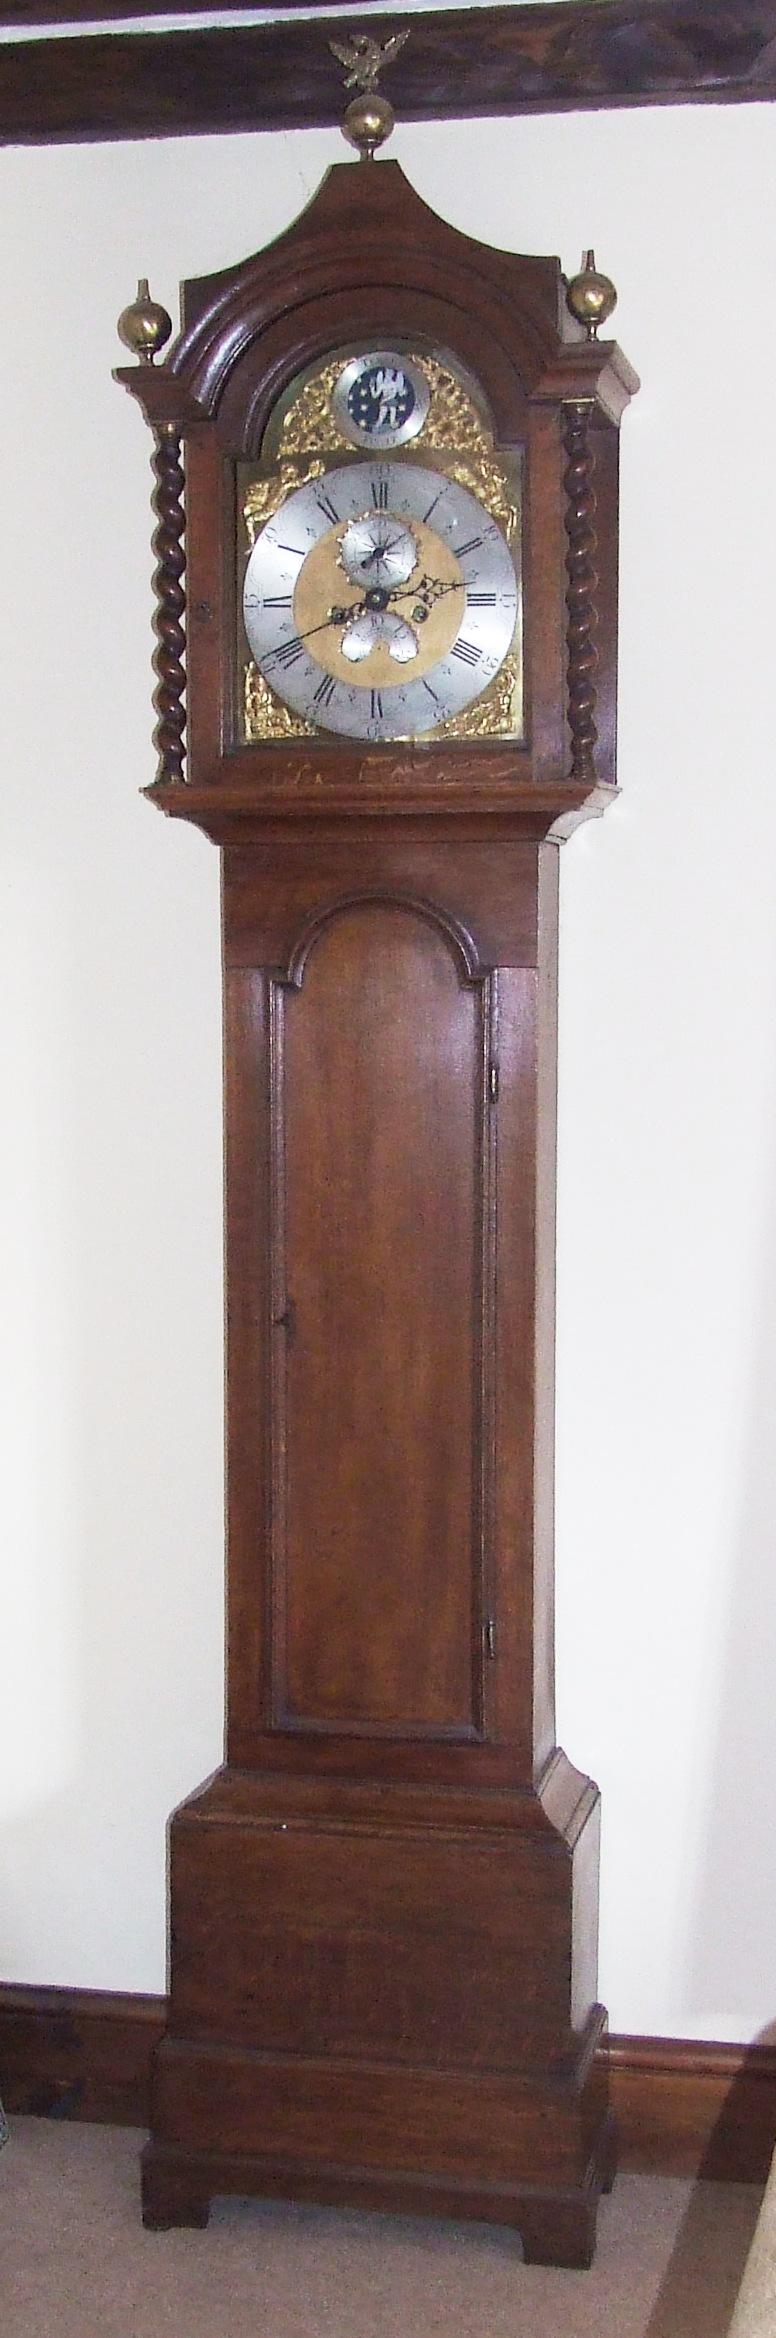 Antique Automaton Grandfather Clock by Wm KENT SAFFRON ...